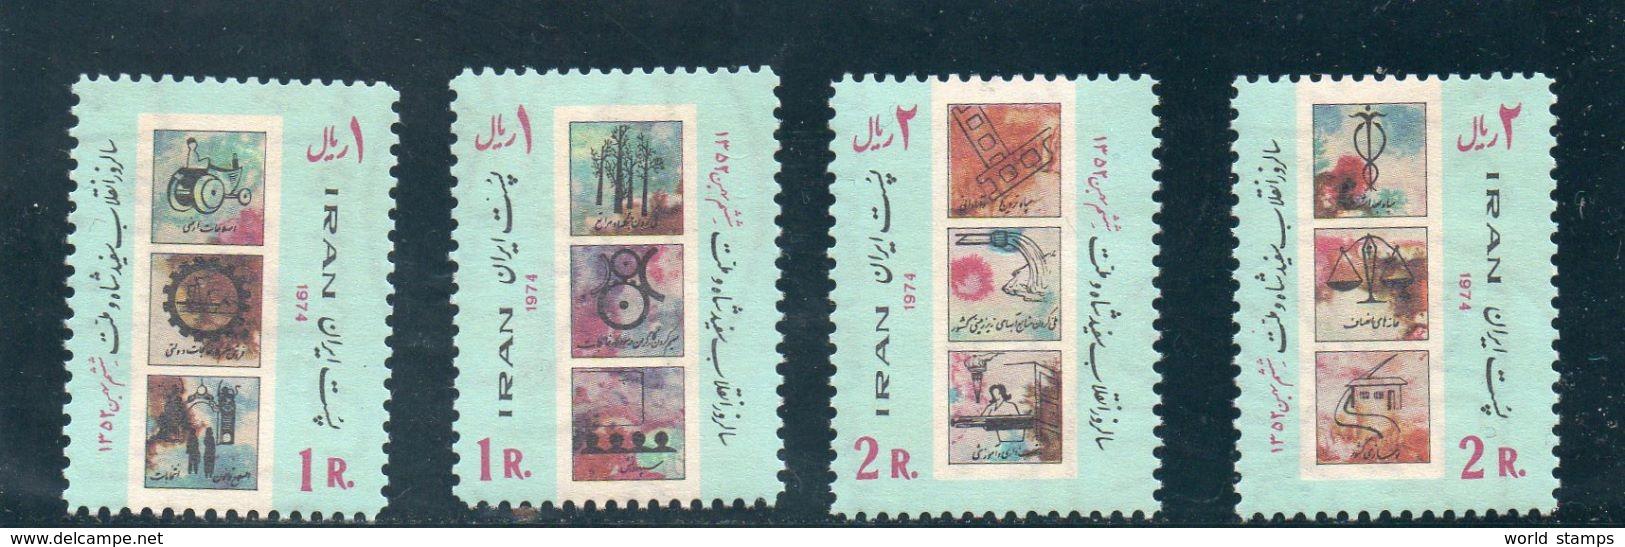 IRAN 1974 ** - Iran